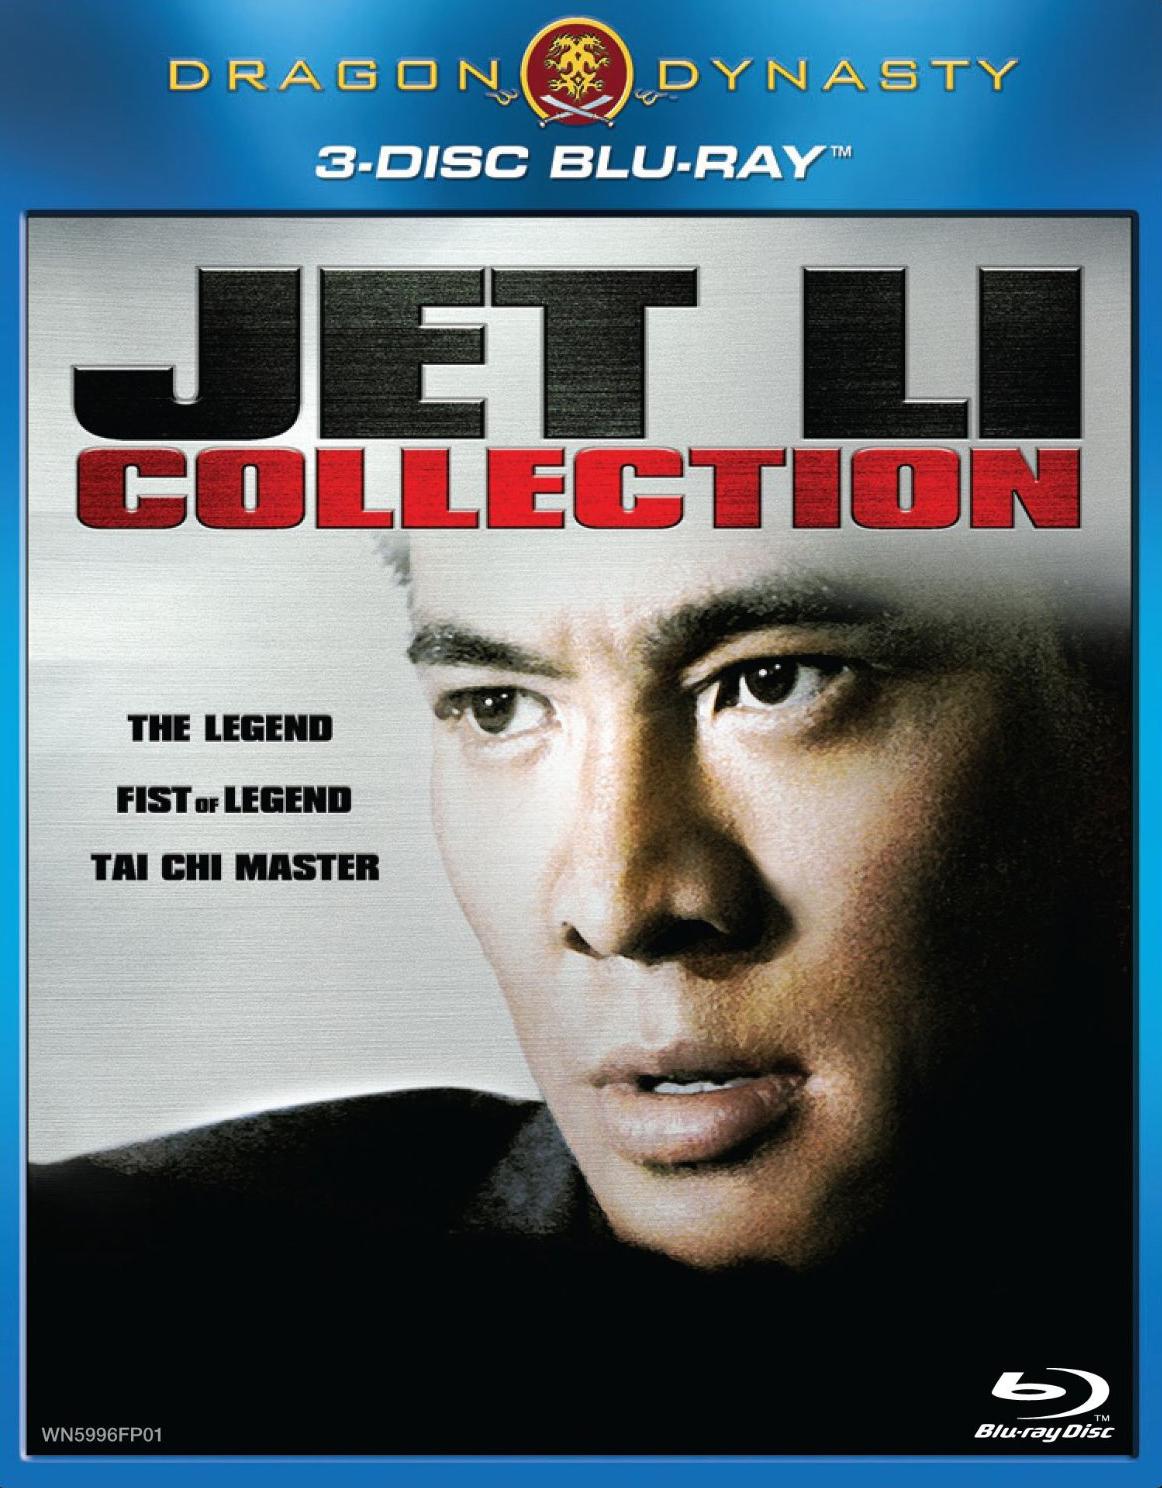 Dragon Dynasty Jet Li 3-Disc Blu-ray Set: Fist of Legend